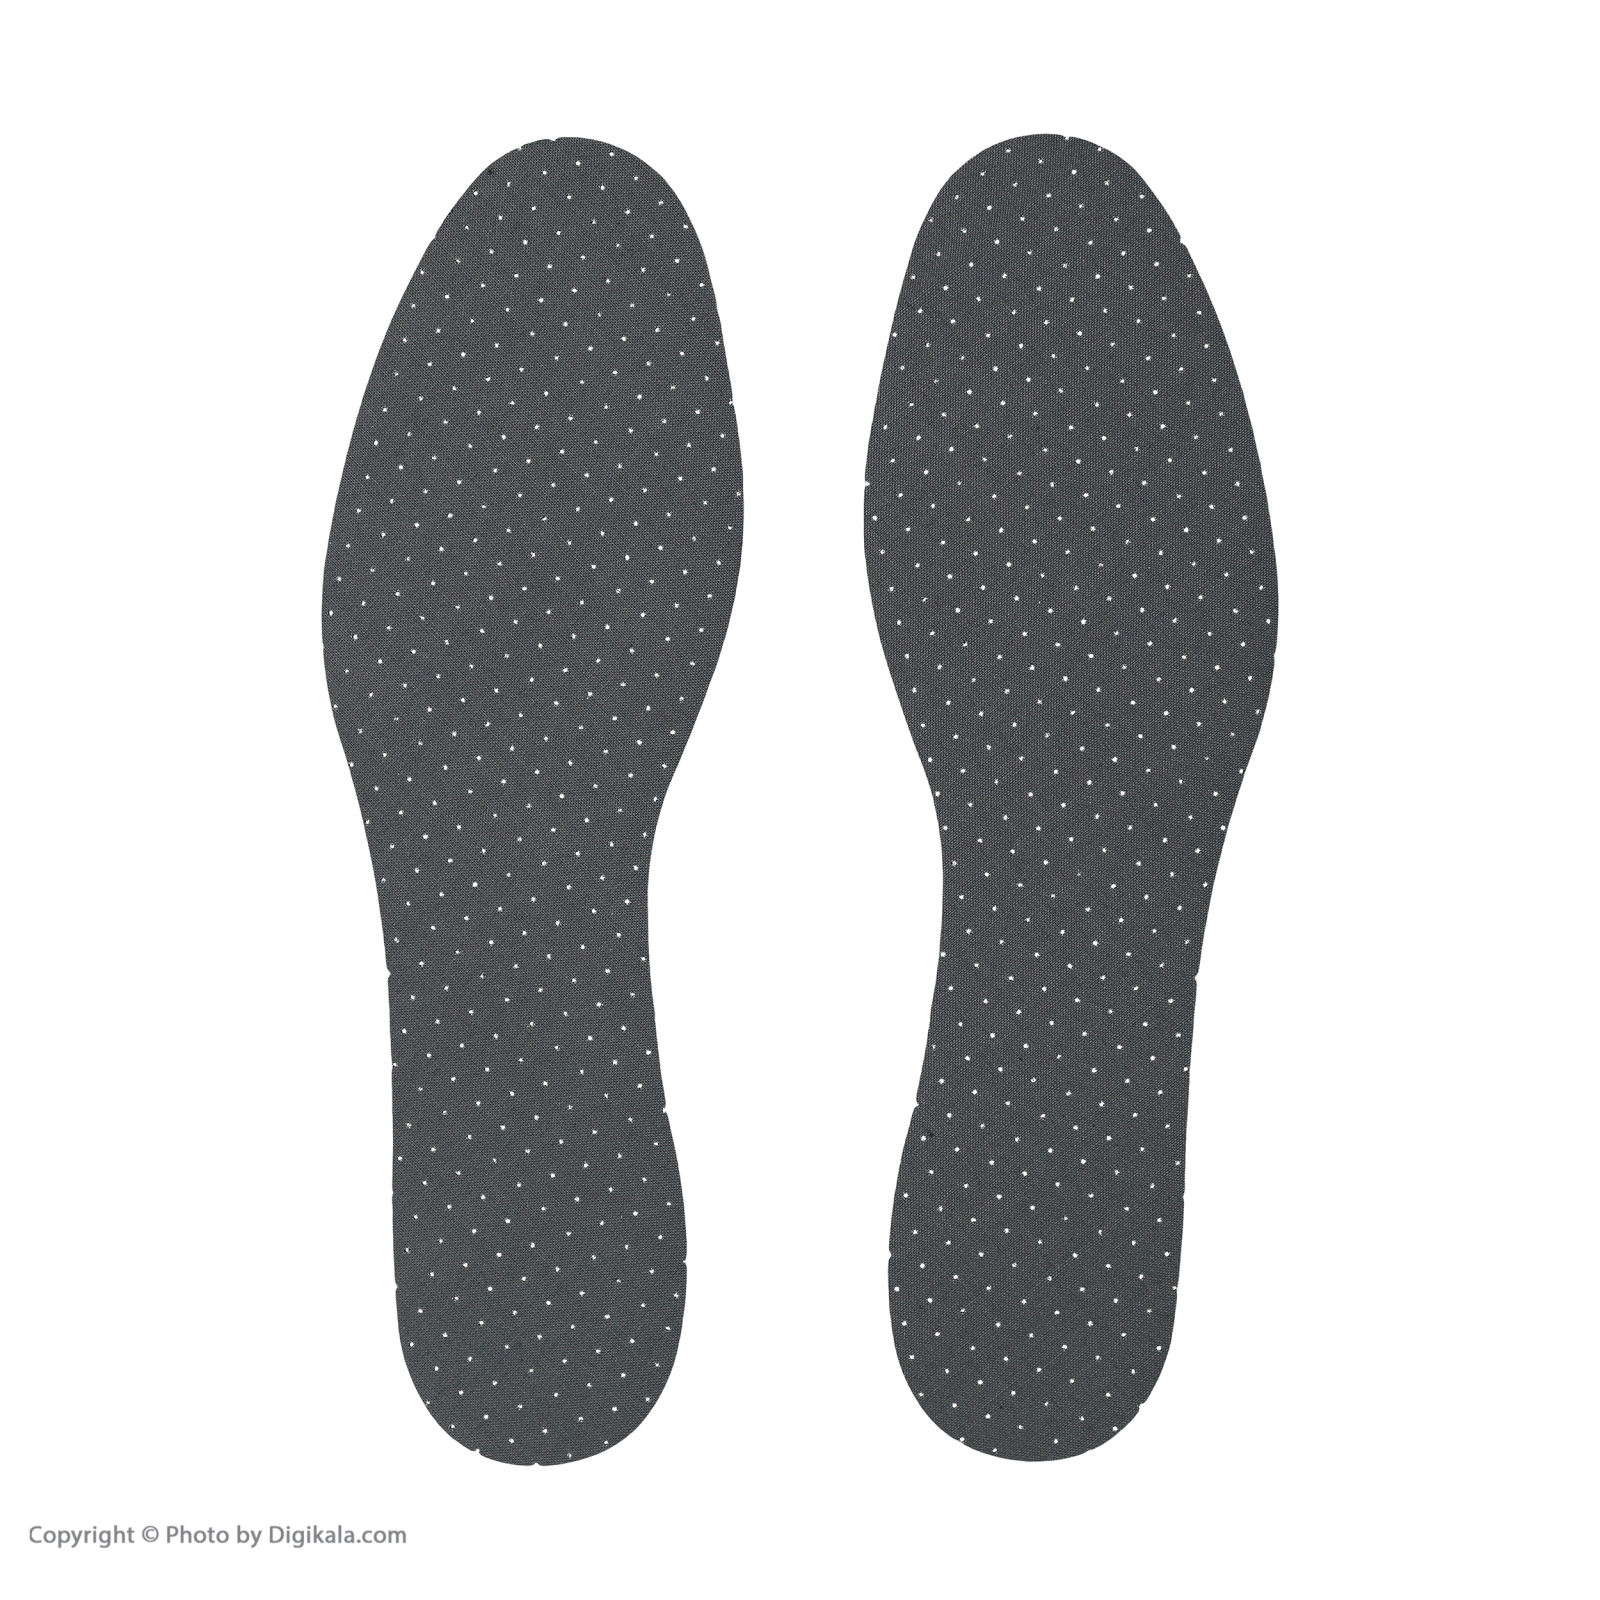 کفي کفش کوایمبرا مدل 1404042 سایز 42 -  - 4